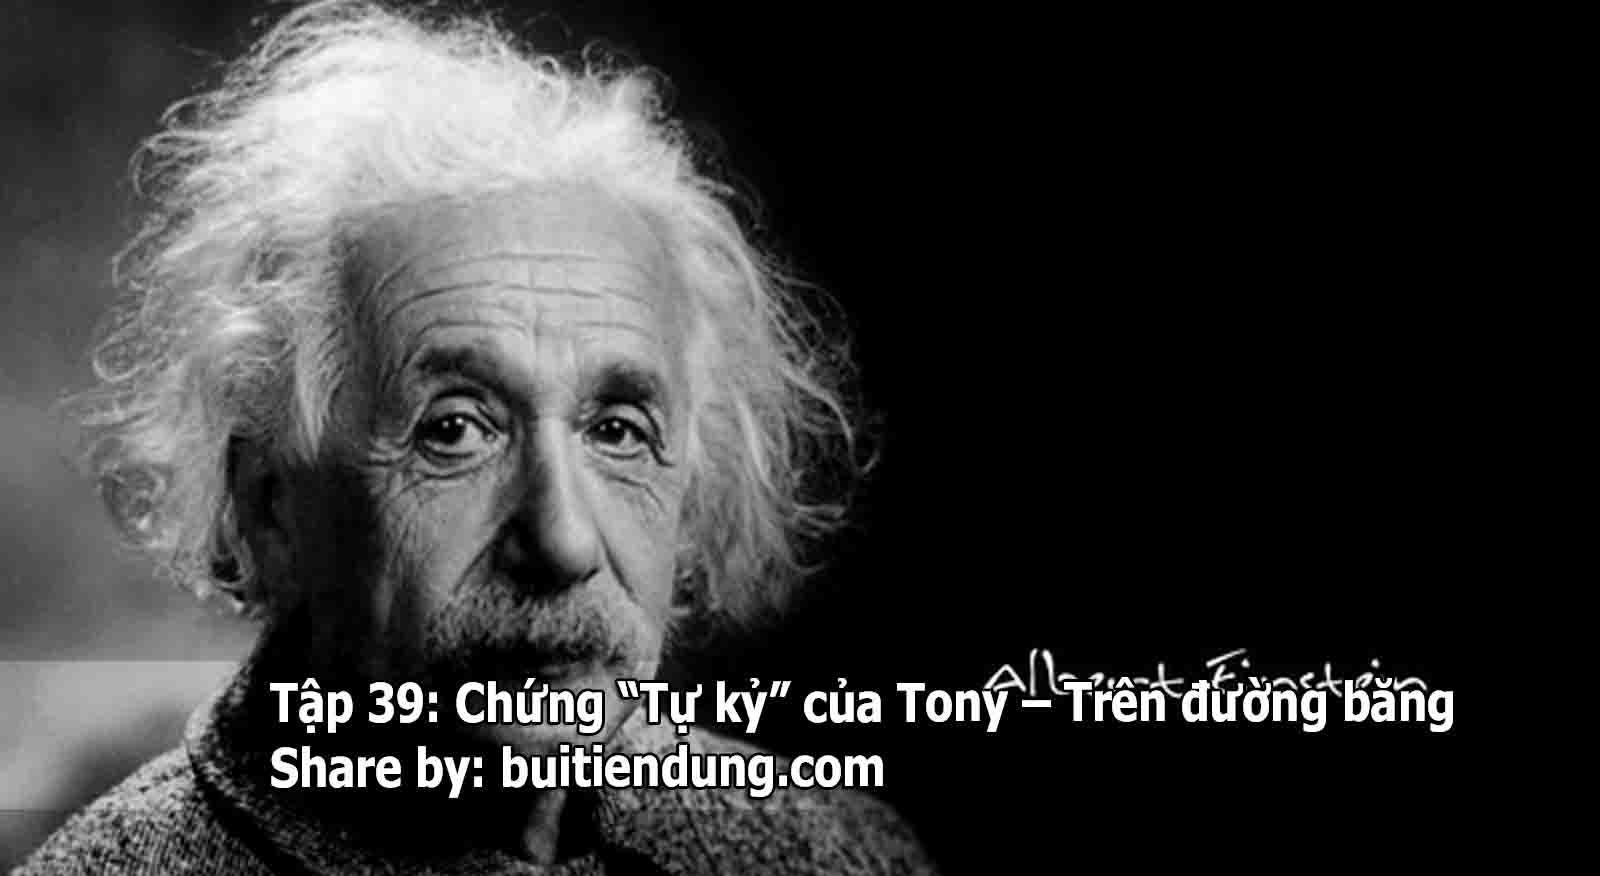 tap39-chung-tu-ky-cua-tony-tren-duong-bang-tony-buoi-sang